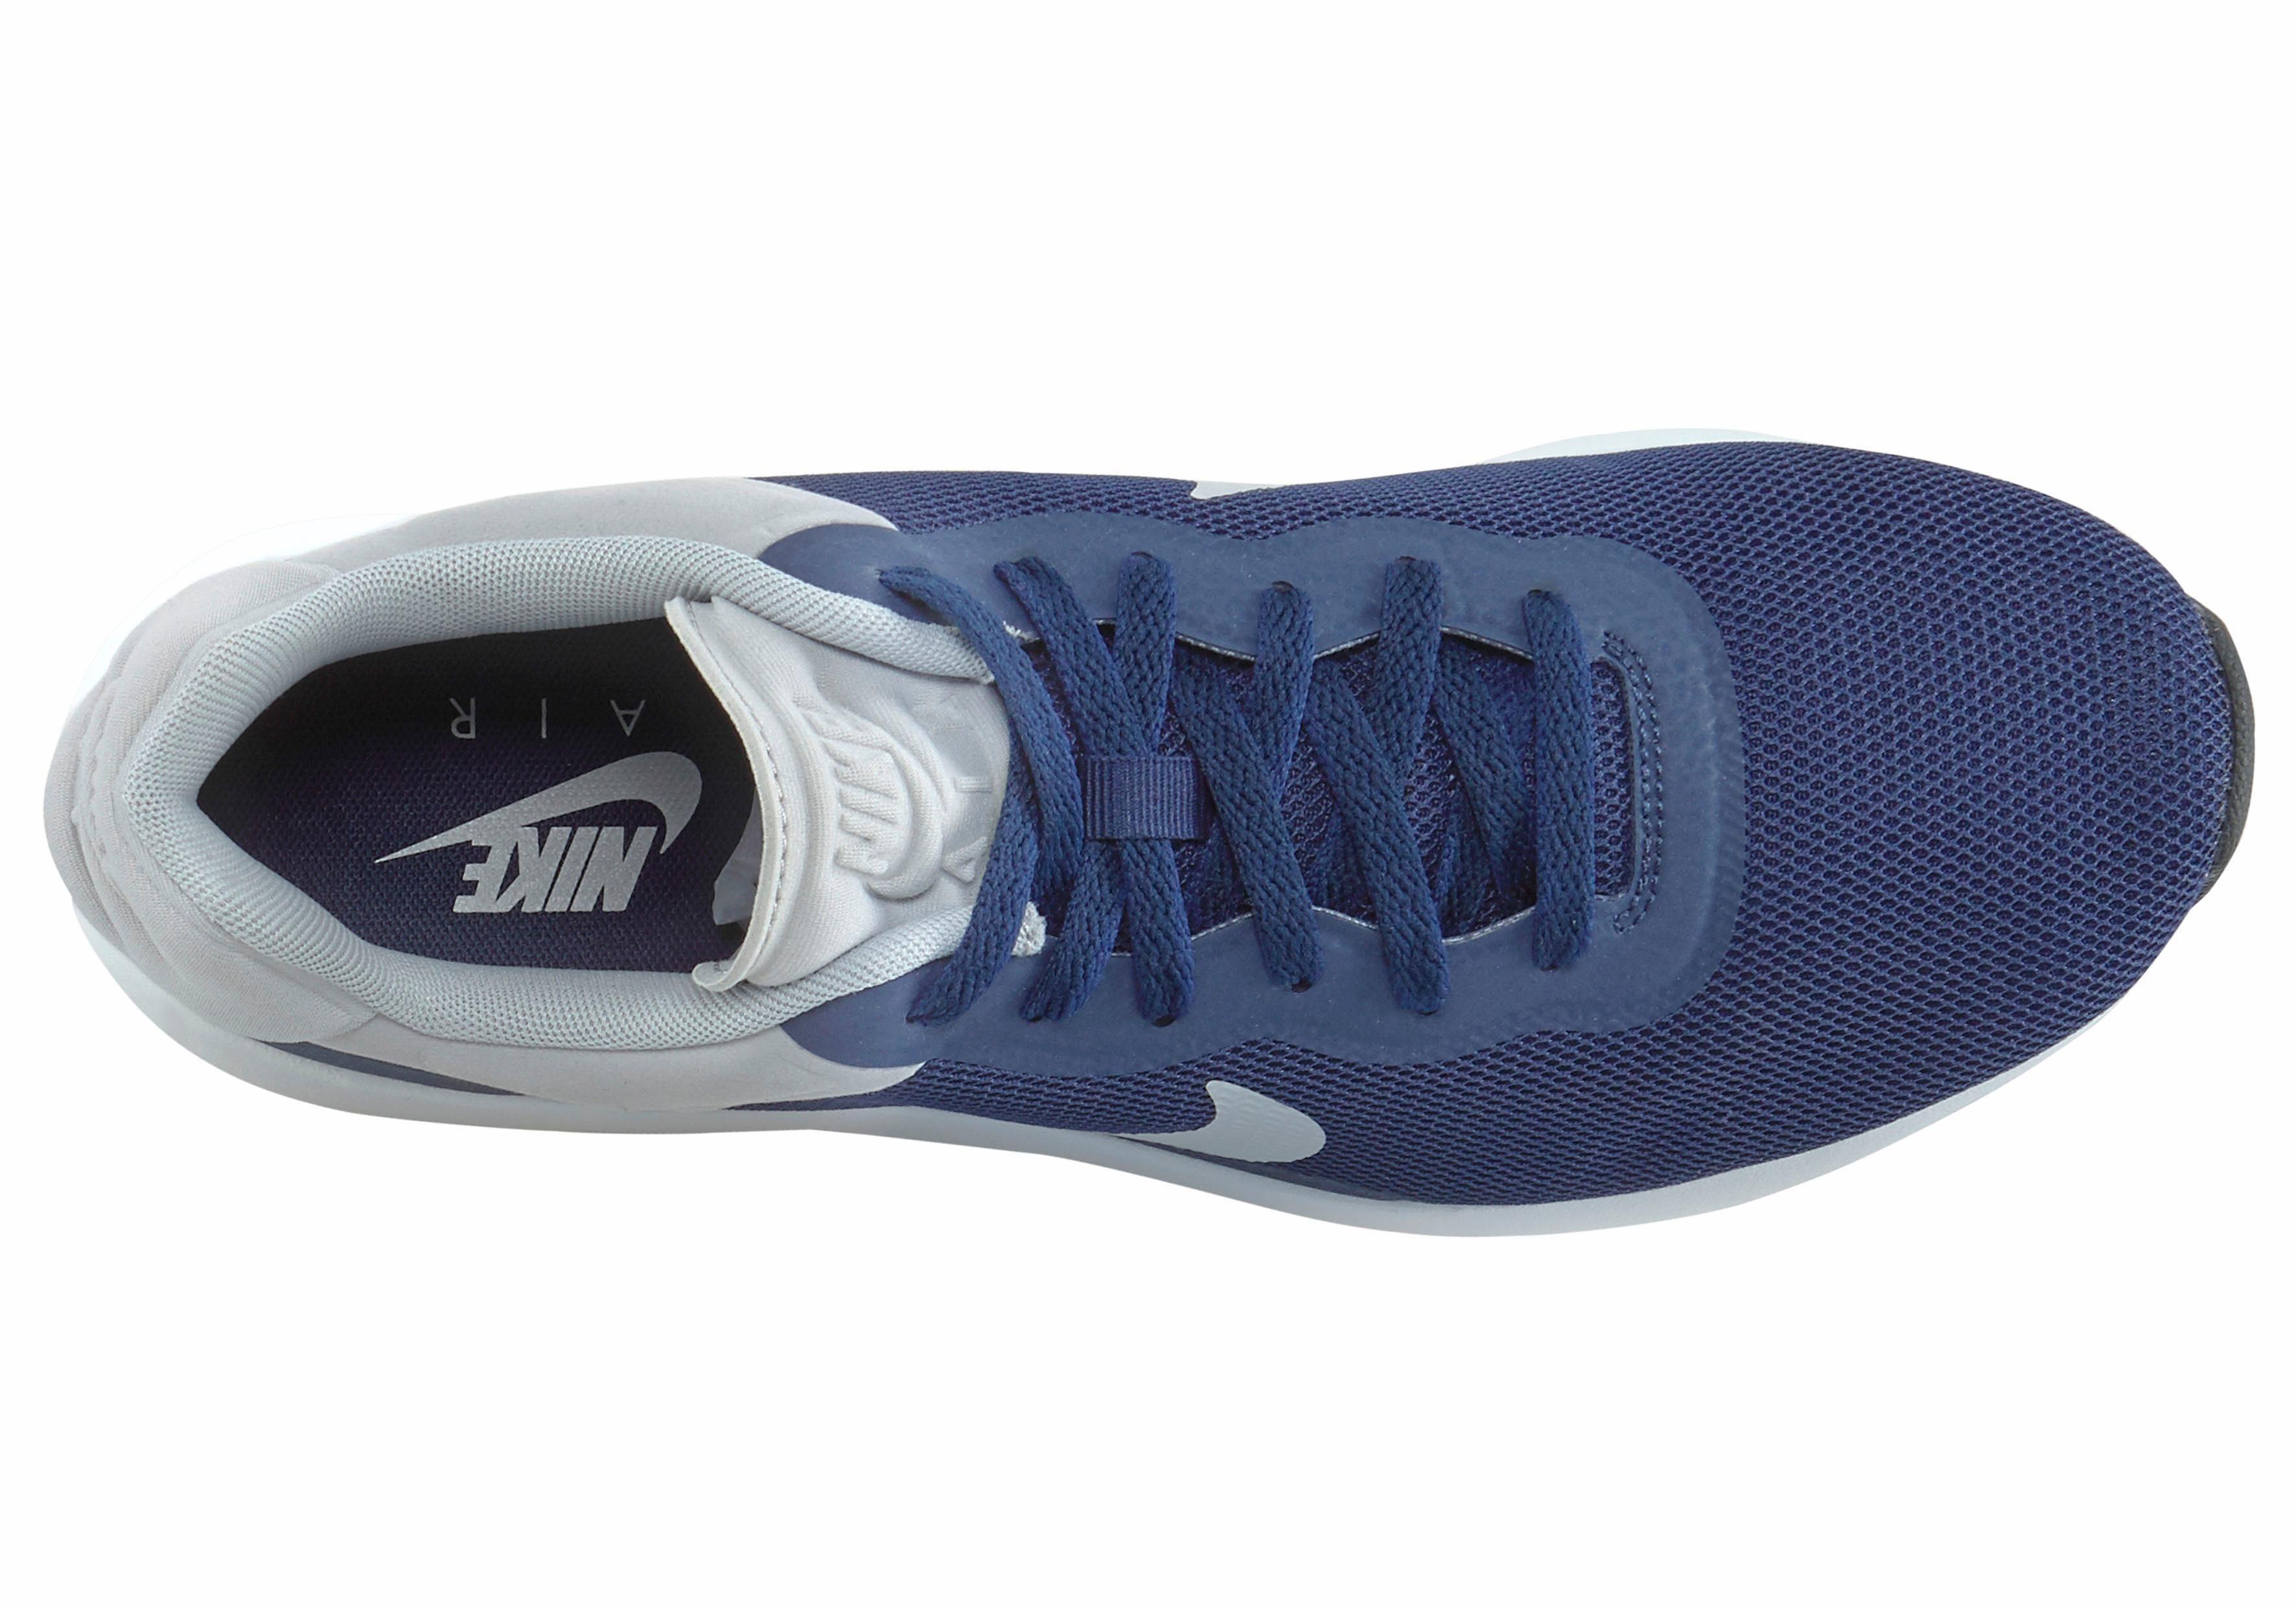 Nike Sportswear Air Max Modern blau-grau Essential Sneaker  blau-grau Modern 0e9571